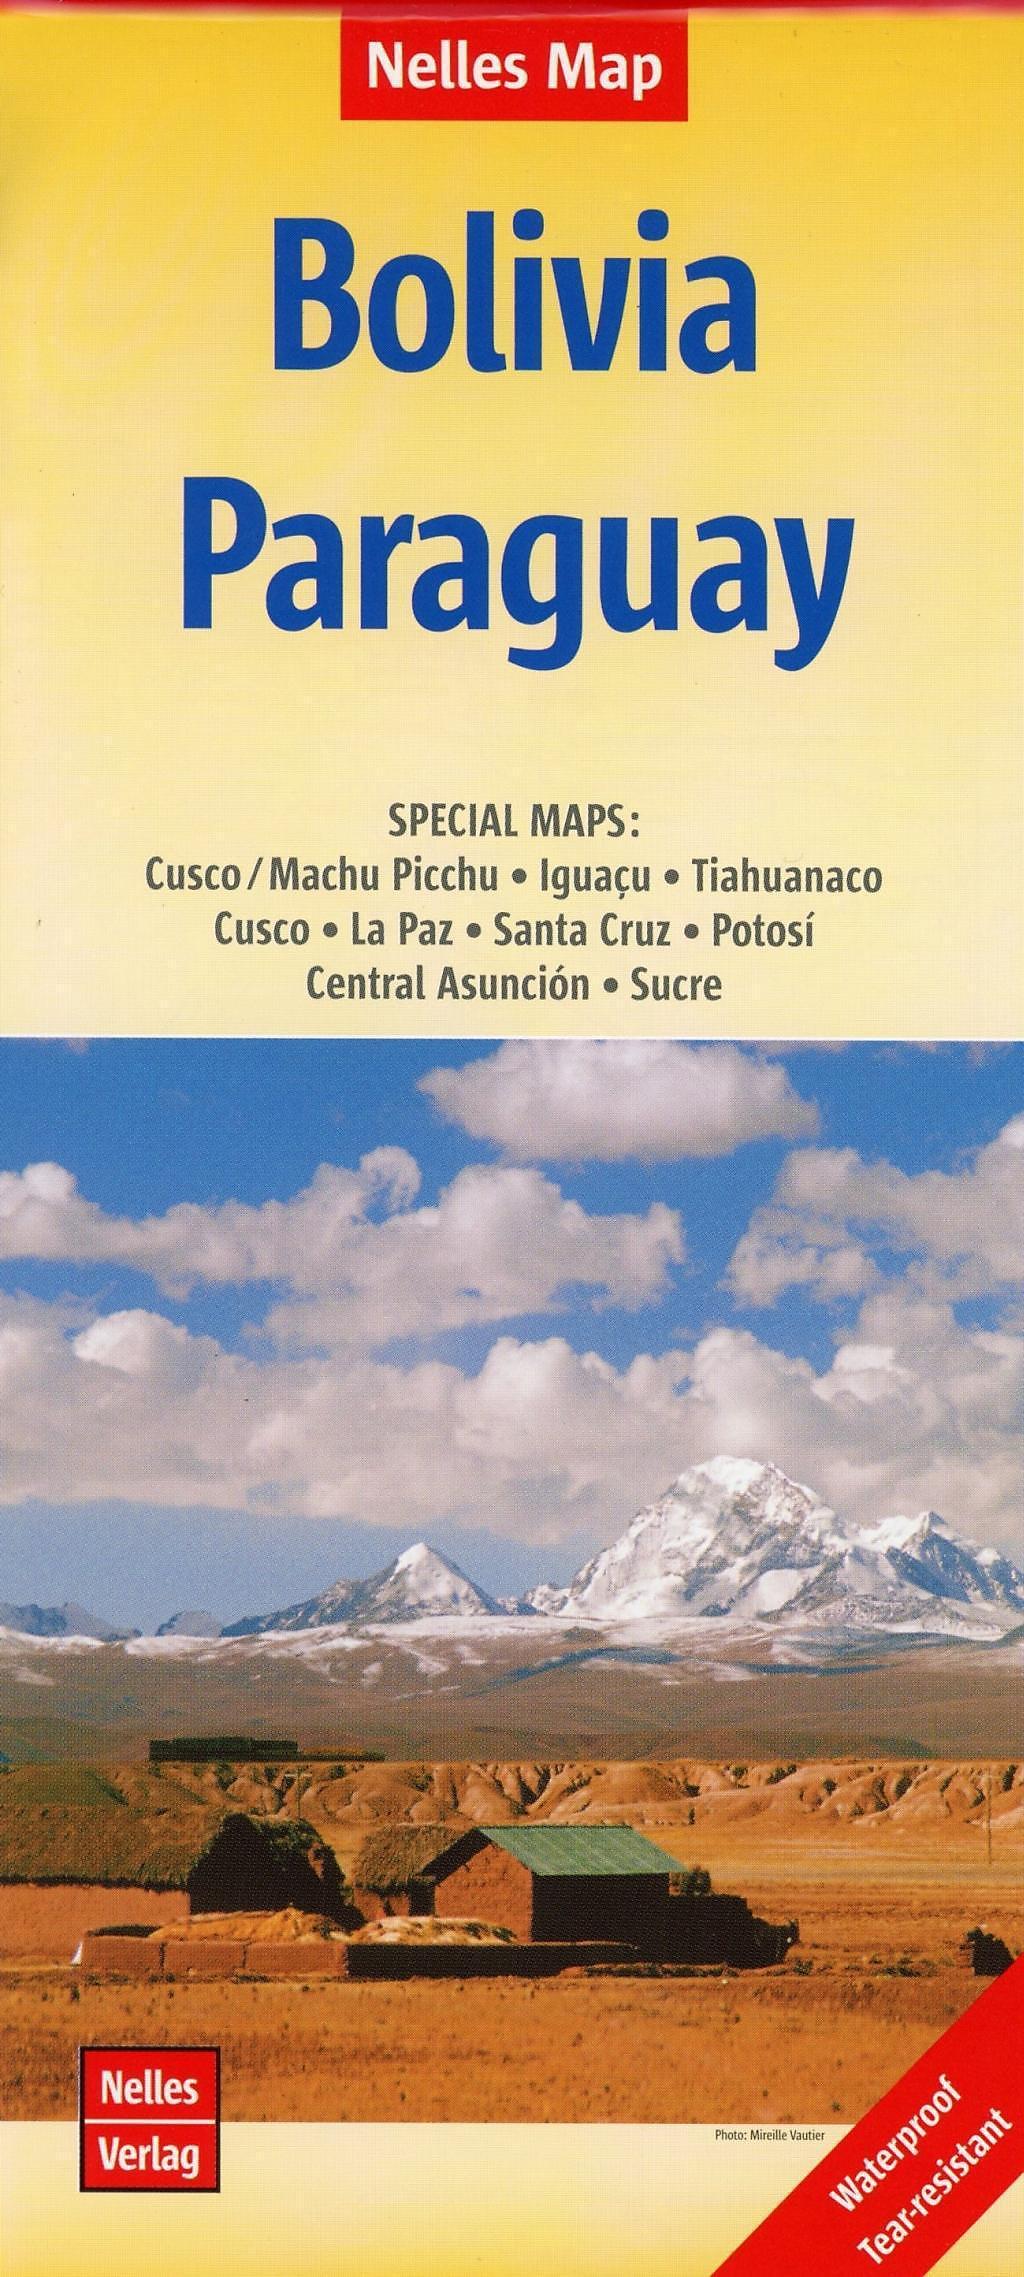 Nelles Map Bolivia-Paraguay Buch bei Weltbild.de online bestellen